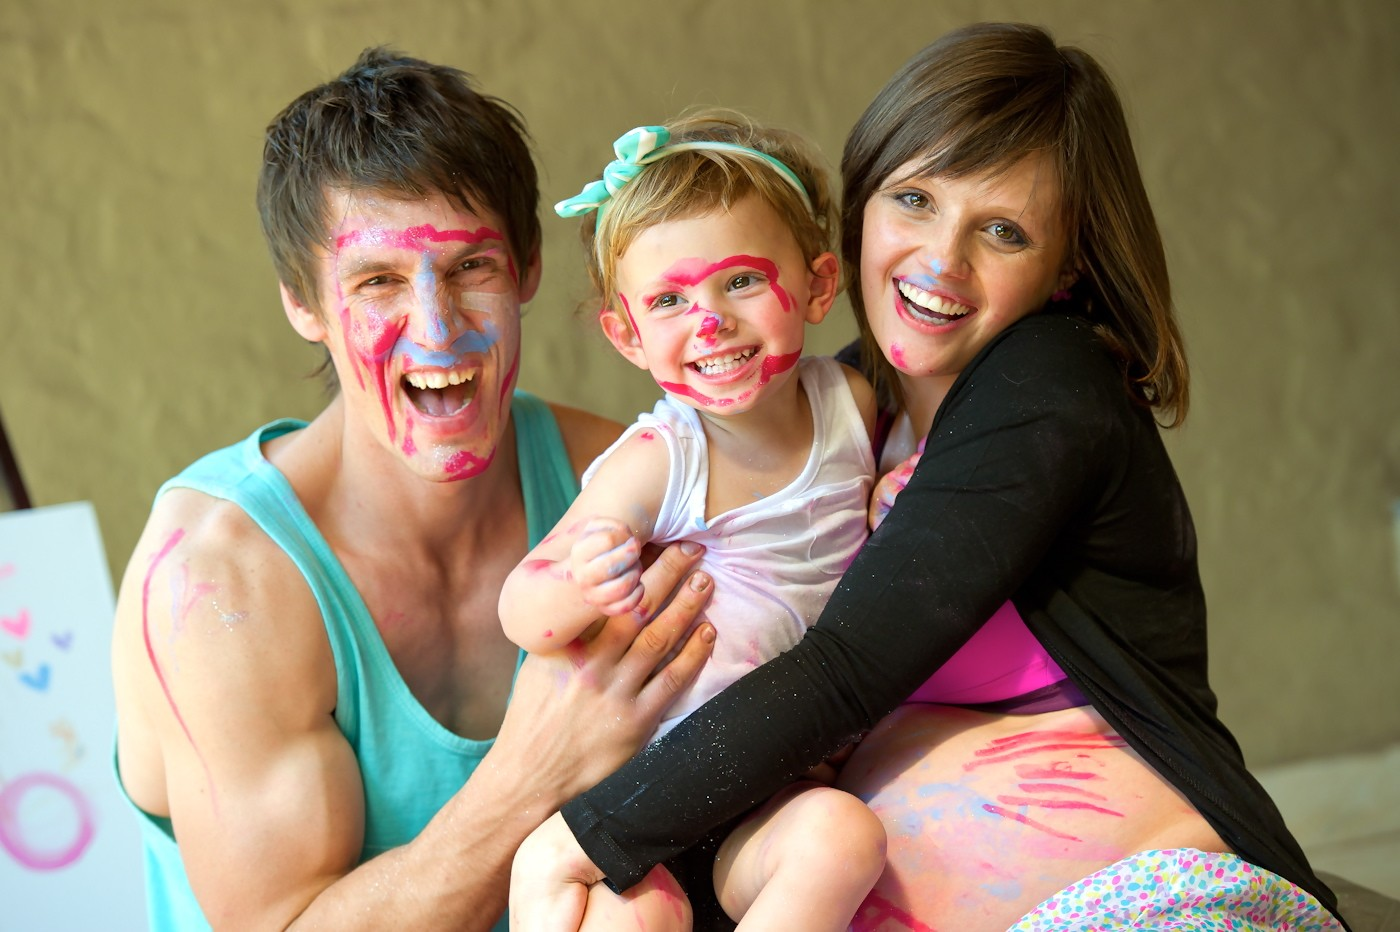 Family Maternity Photoshoot, Body Paint inspired Family Maternity Photoshoot